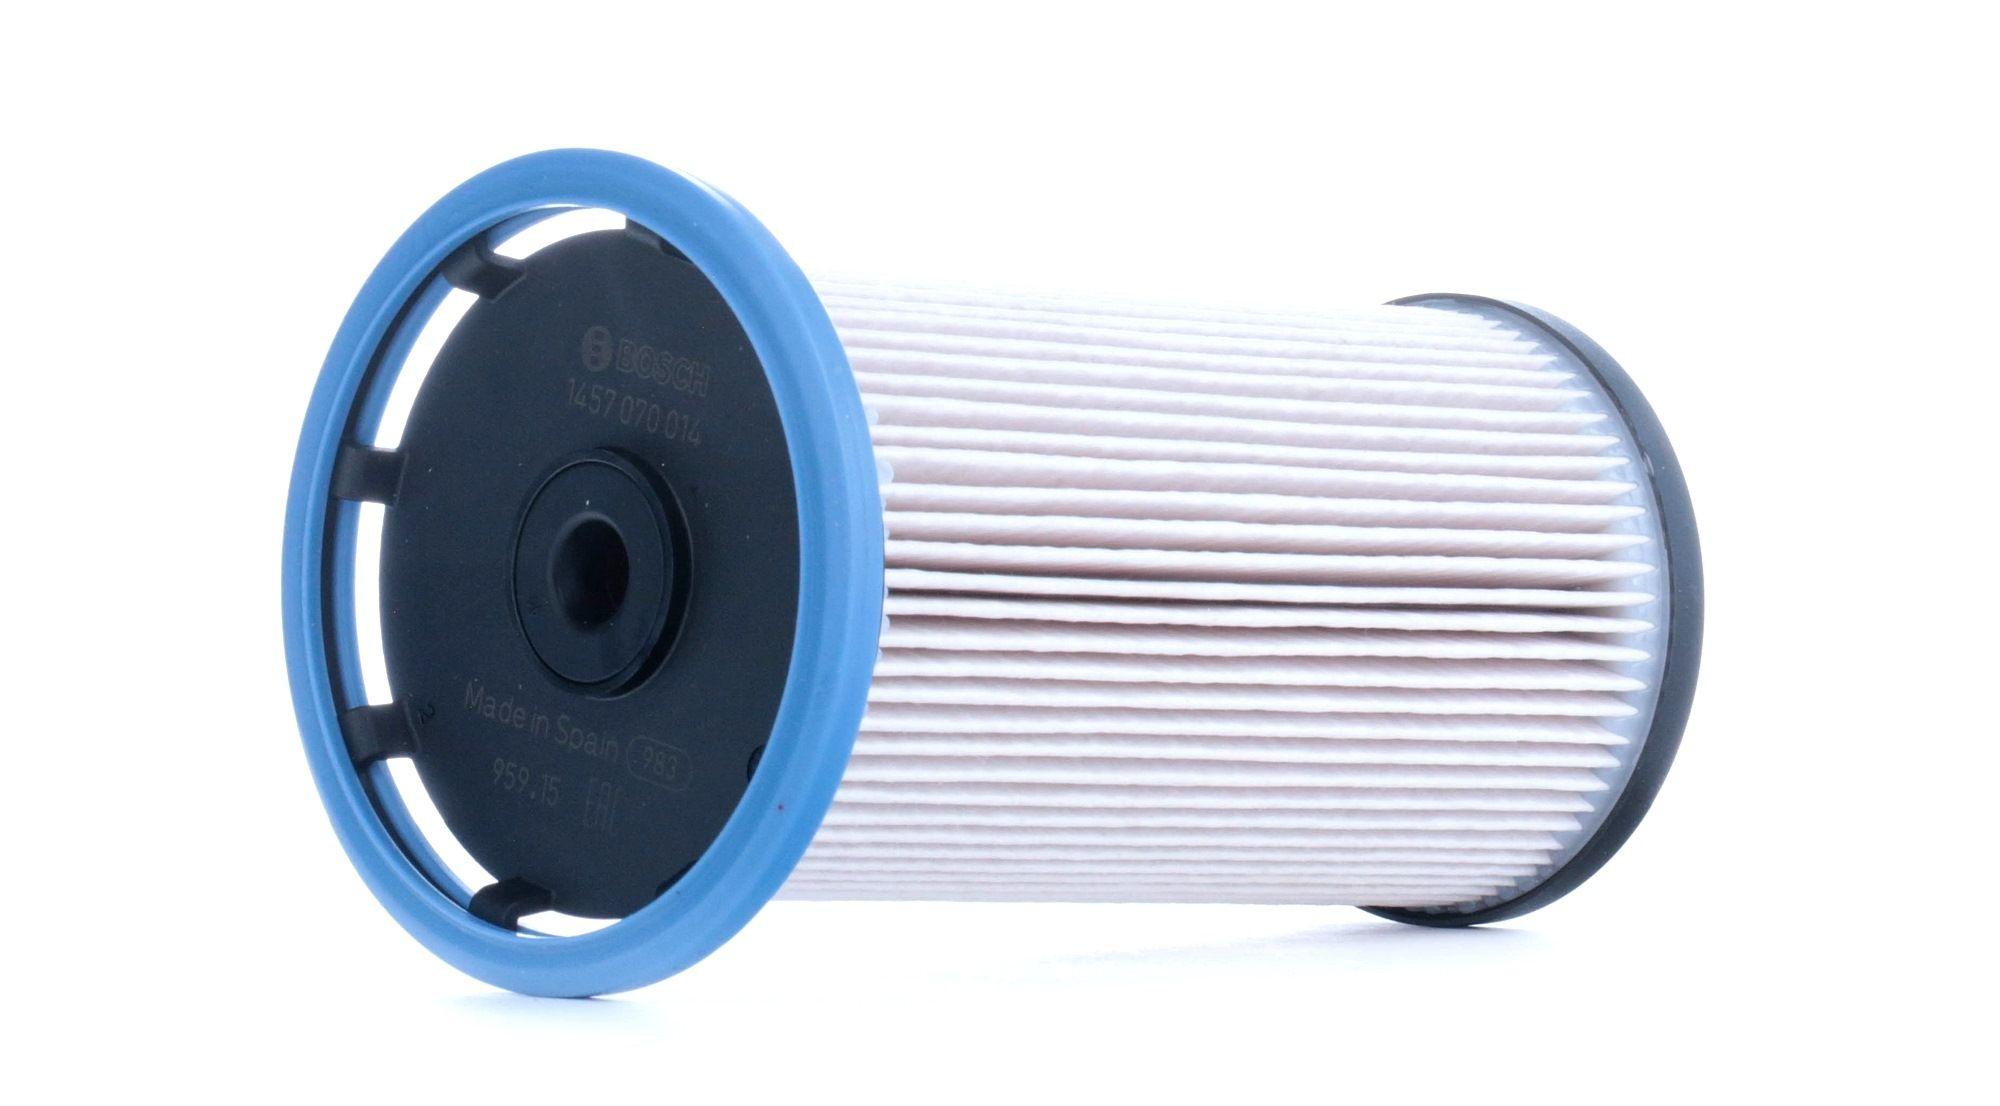 Palivový filtr 1 457 070 014 s vynikajícím poměrem mezi cenou a BOSCH kvalitou